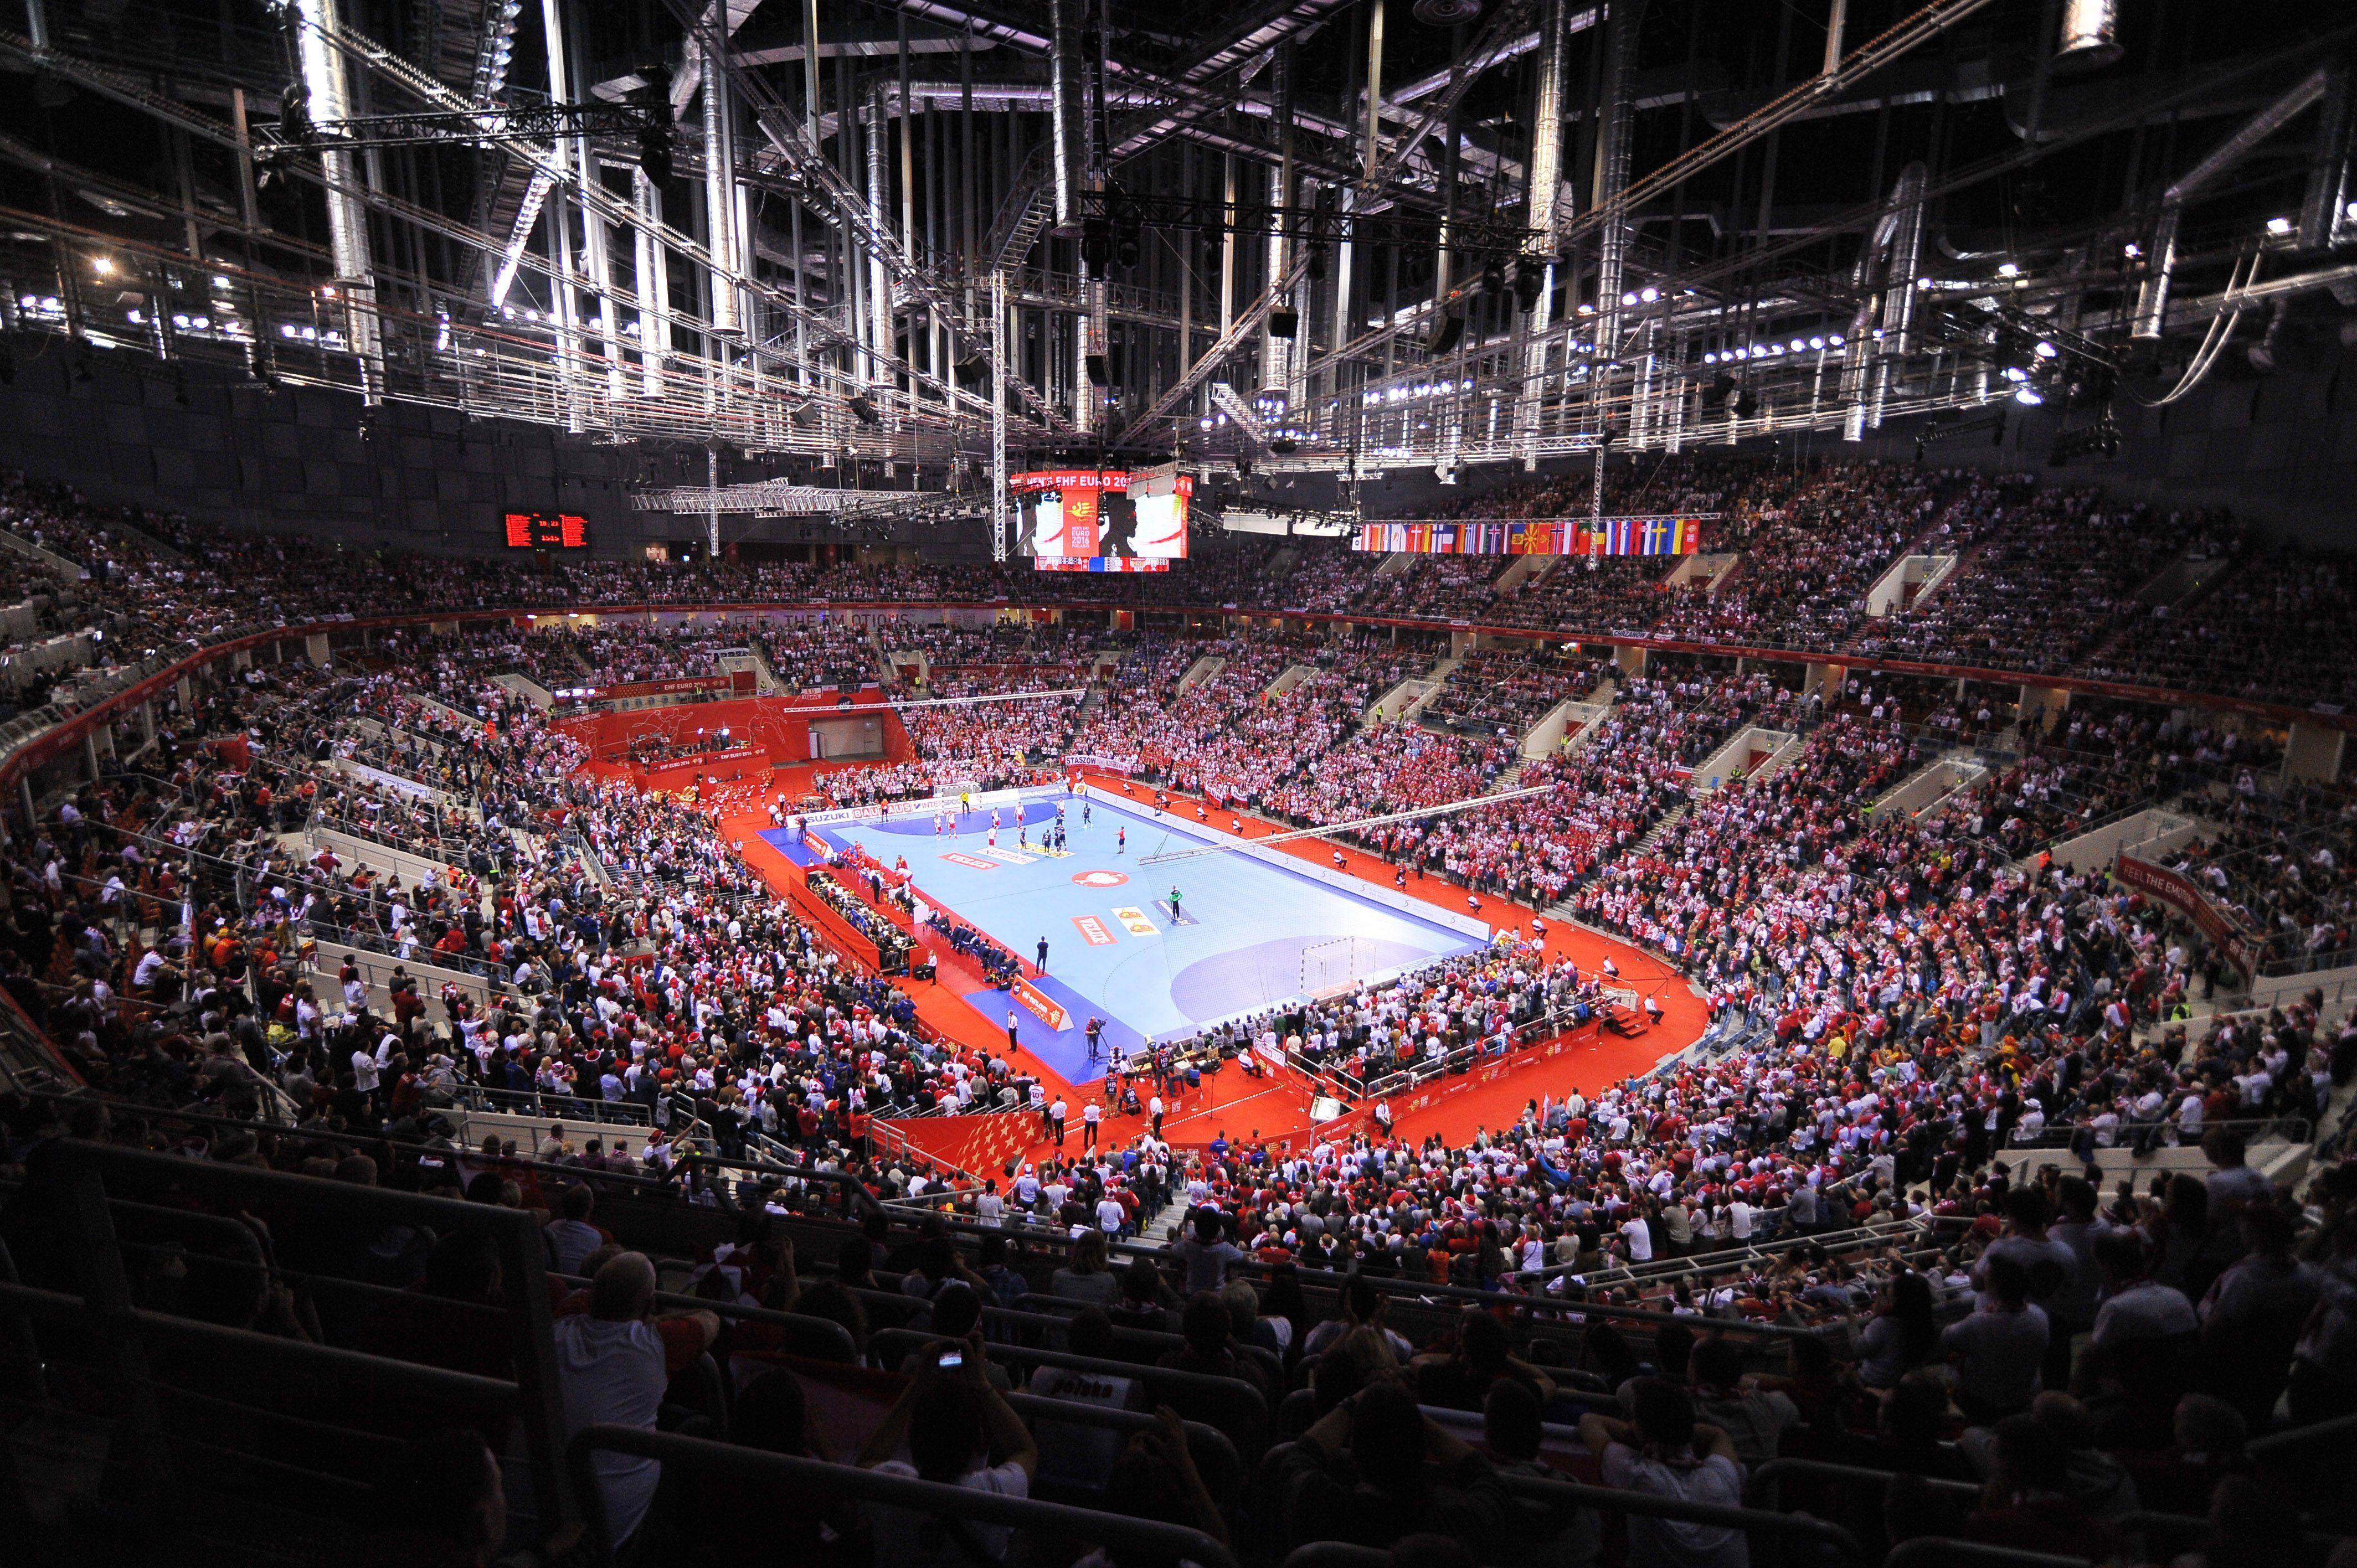 Byłeś na finale EHF EURO 2016? Oznacz się na gigapanoramie!